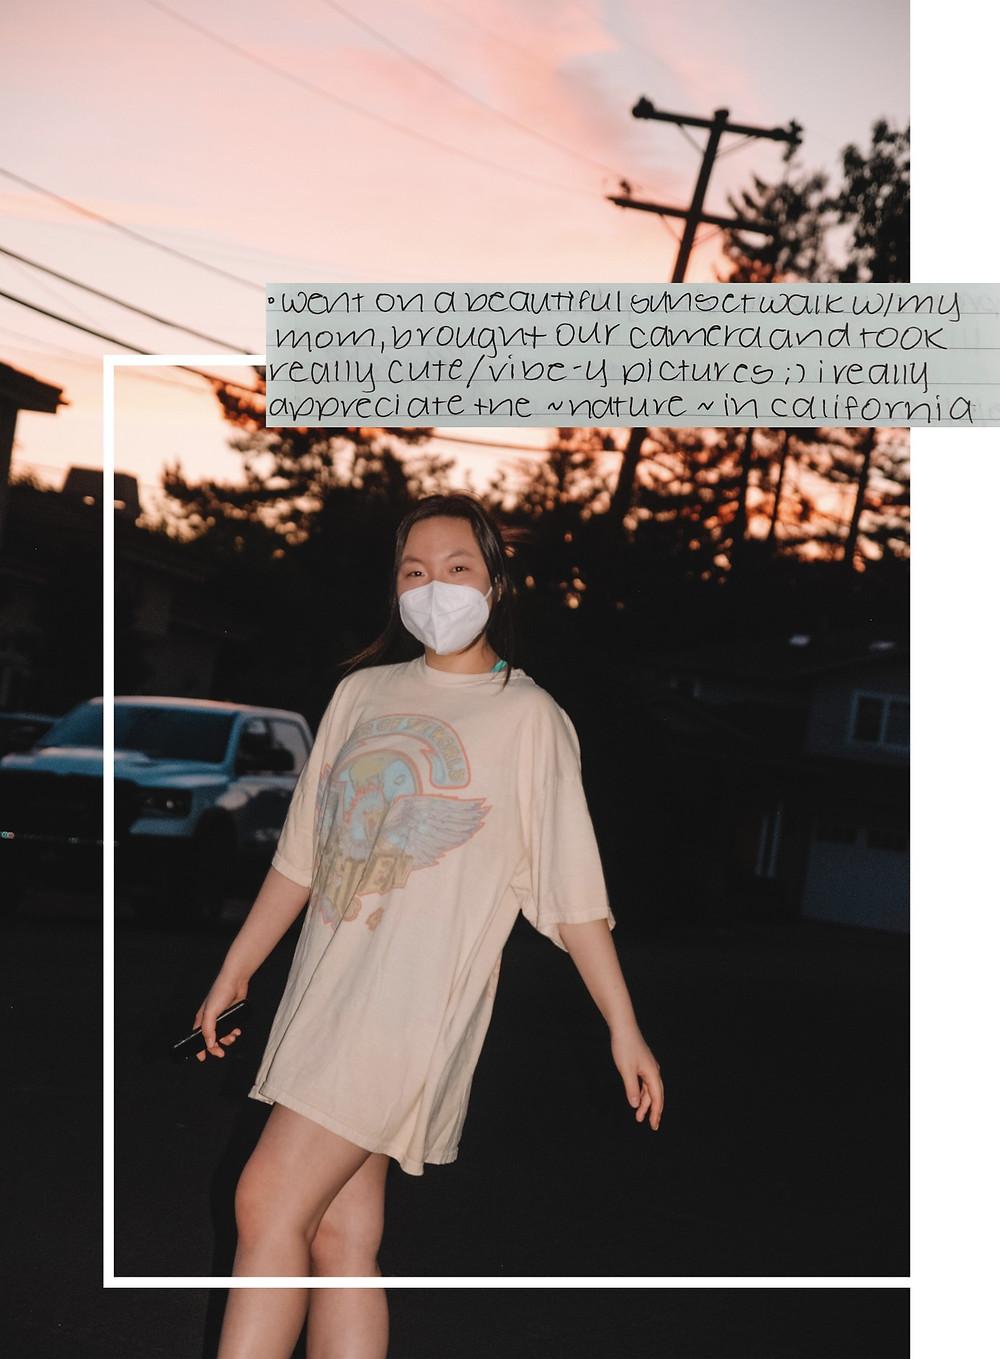 sunset walk, journal excerpt, covid-19, blog, artsy, lightroom, vsco